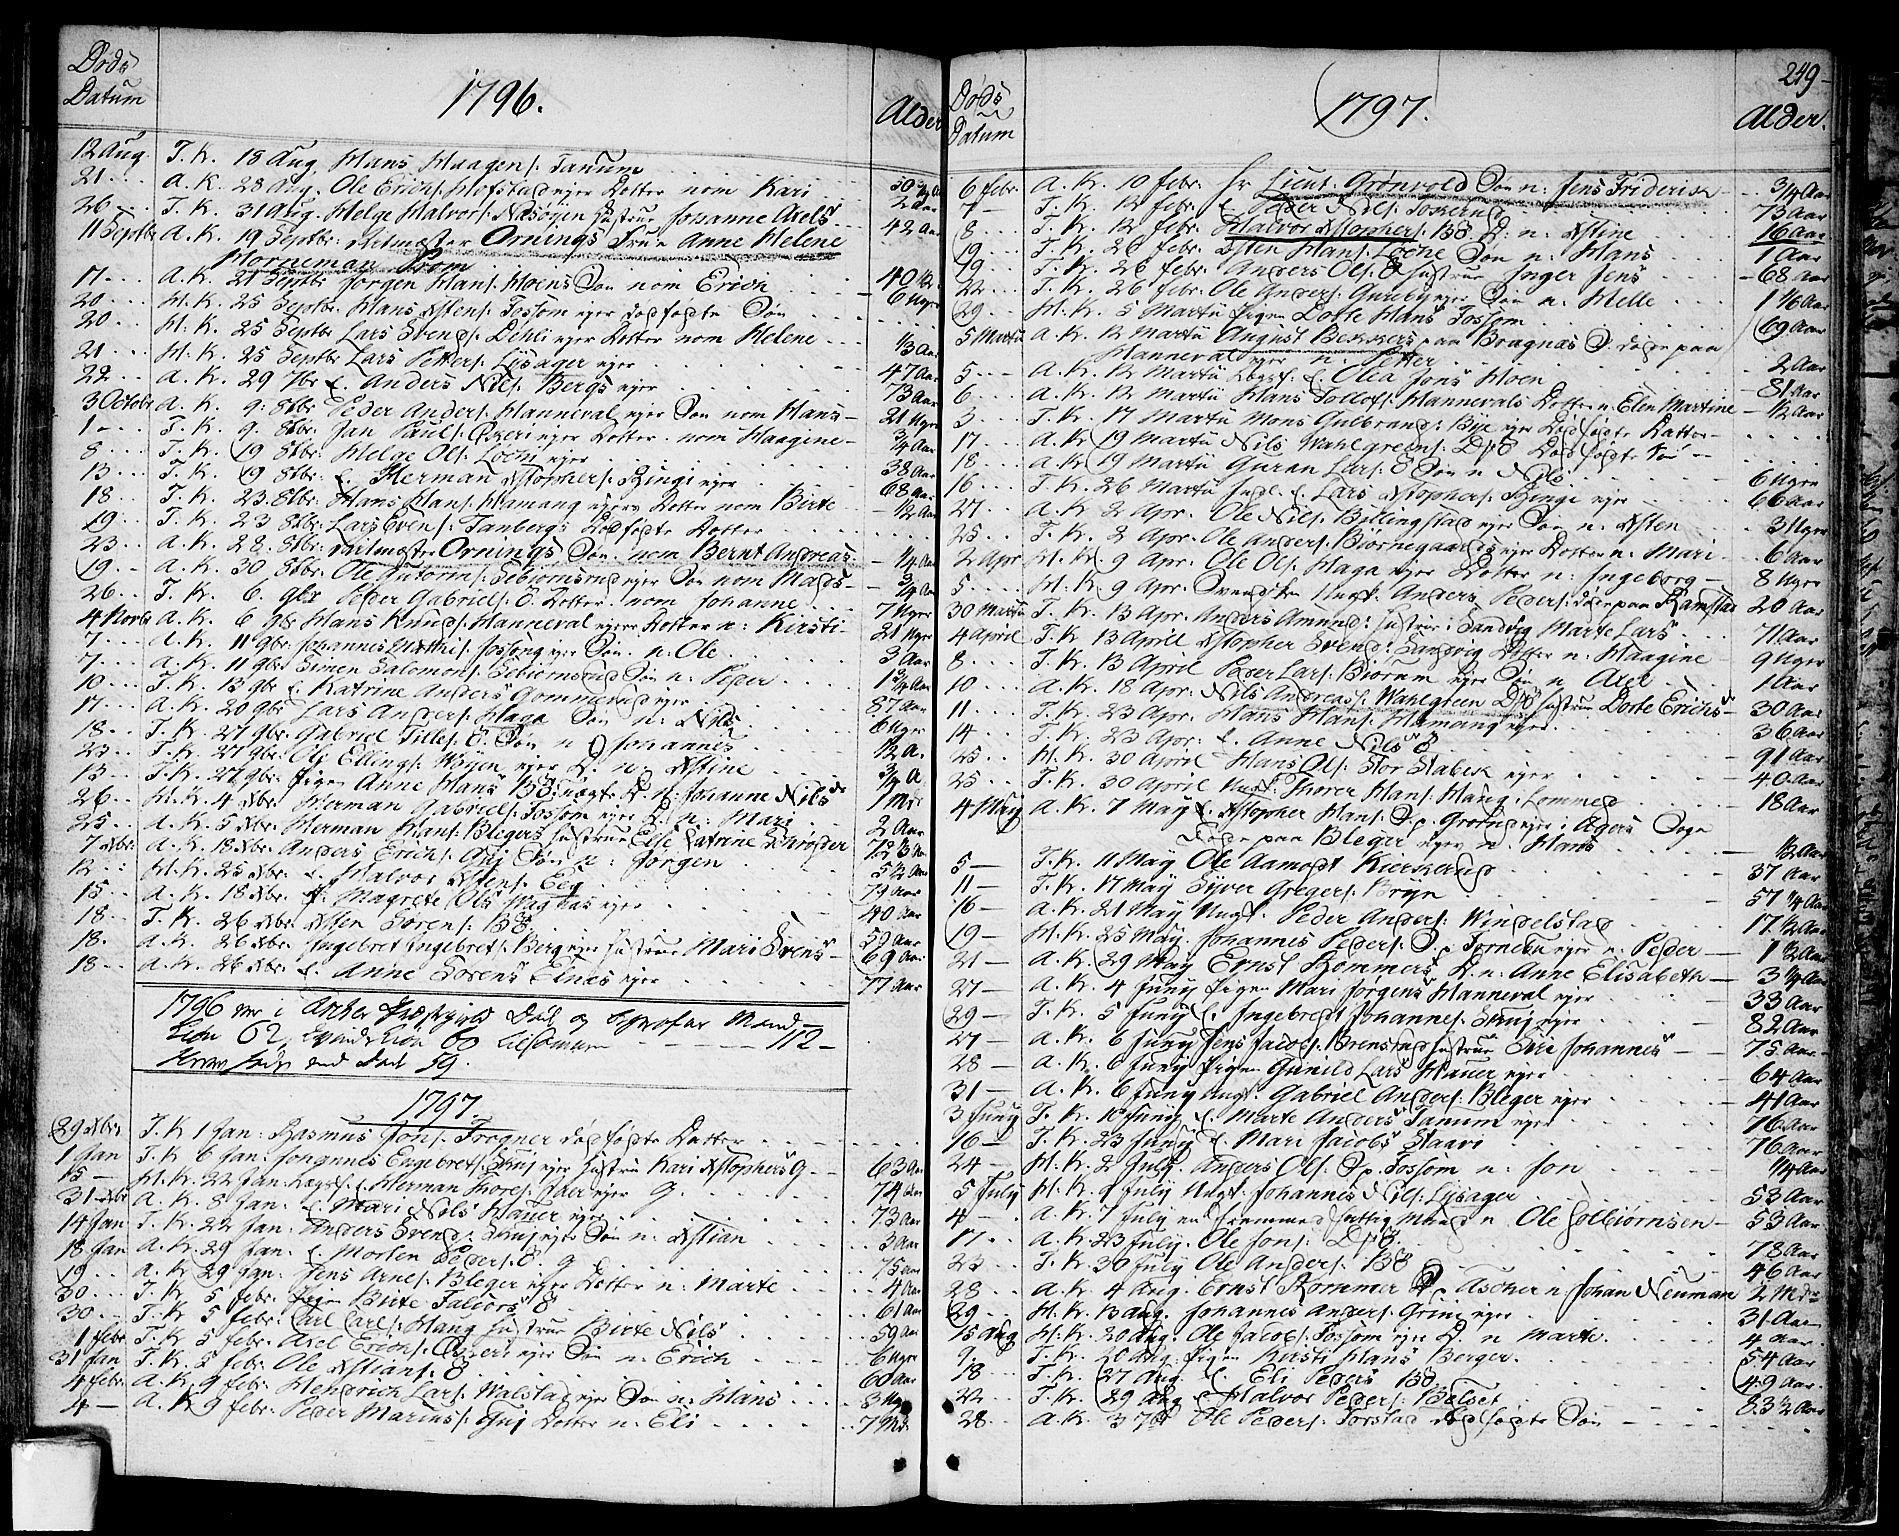 SAO, Asker prestekontor Kirkebøker, F/Fa/L0003: Ministerialbok nr. I 3, 1767-1807, s. 249